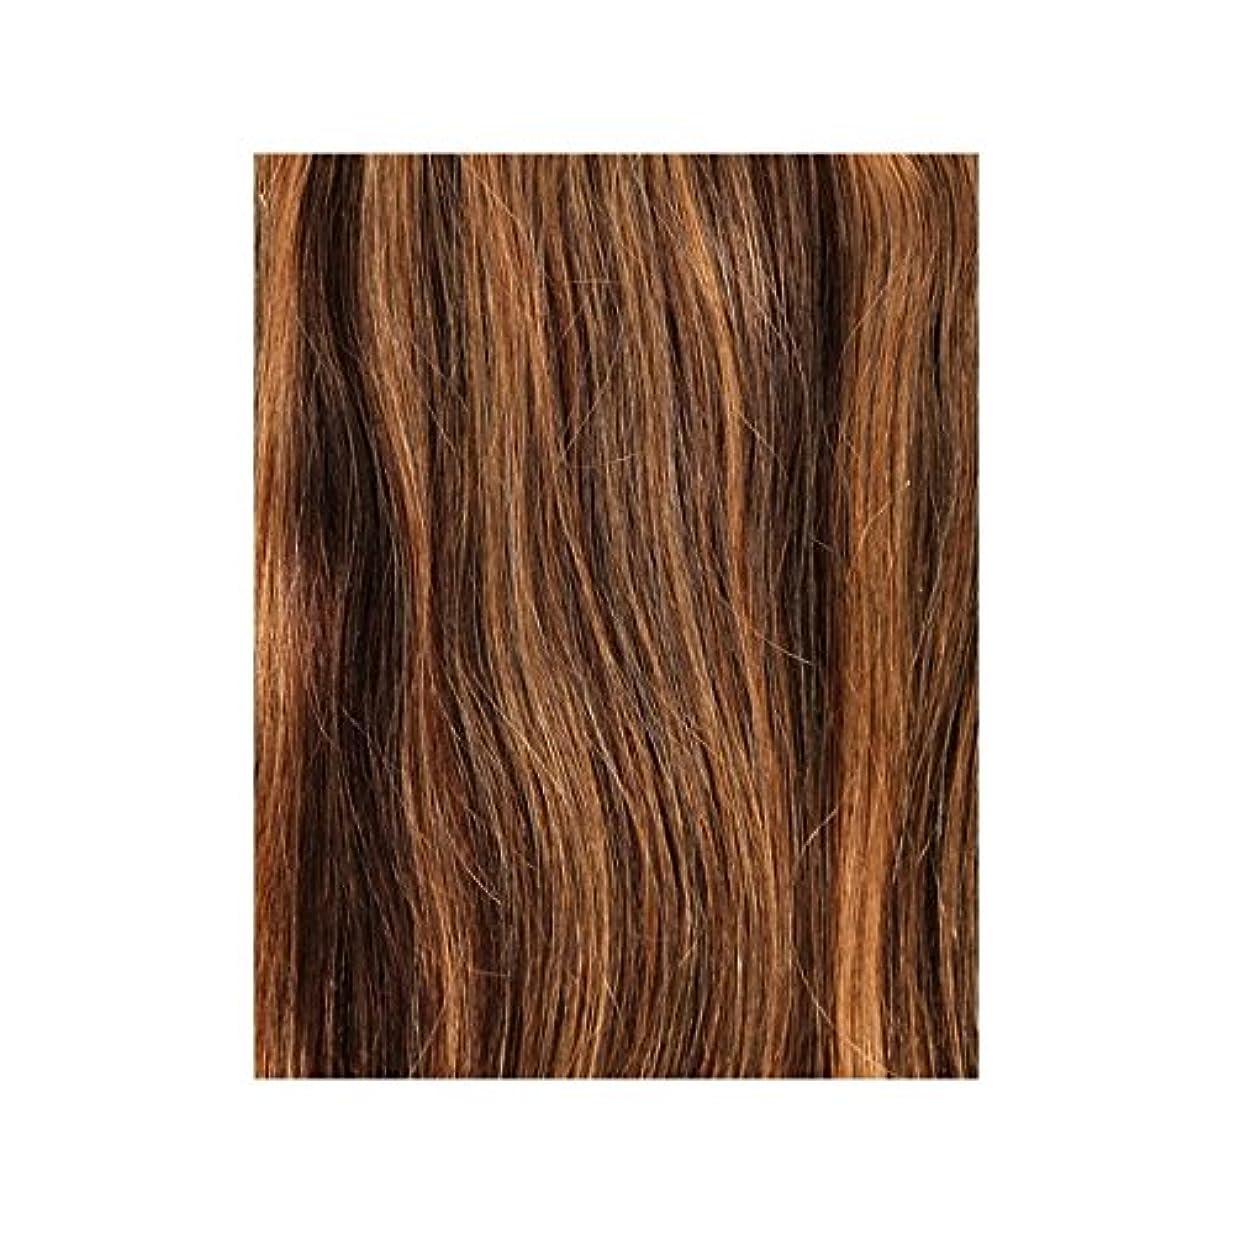 チャームほこりっぽい乳製品4/27 - 美しさは、100%レミーの色見本ヘアエクステンションの作品 x4 - Beauty Works 100% Remy Colour Swatch Hair Extension - Blondette 4/27 (Pack of 4) [並行輸入品]